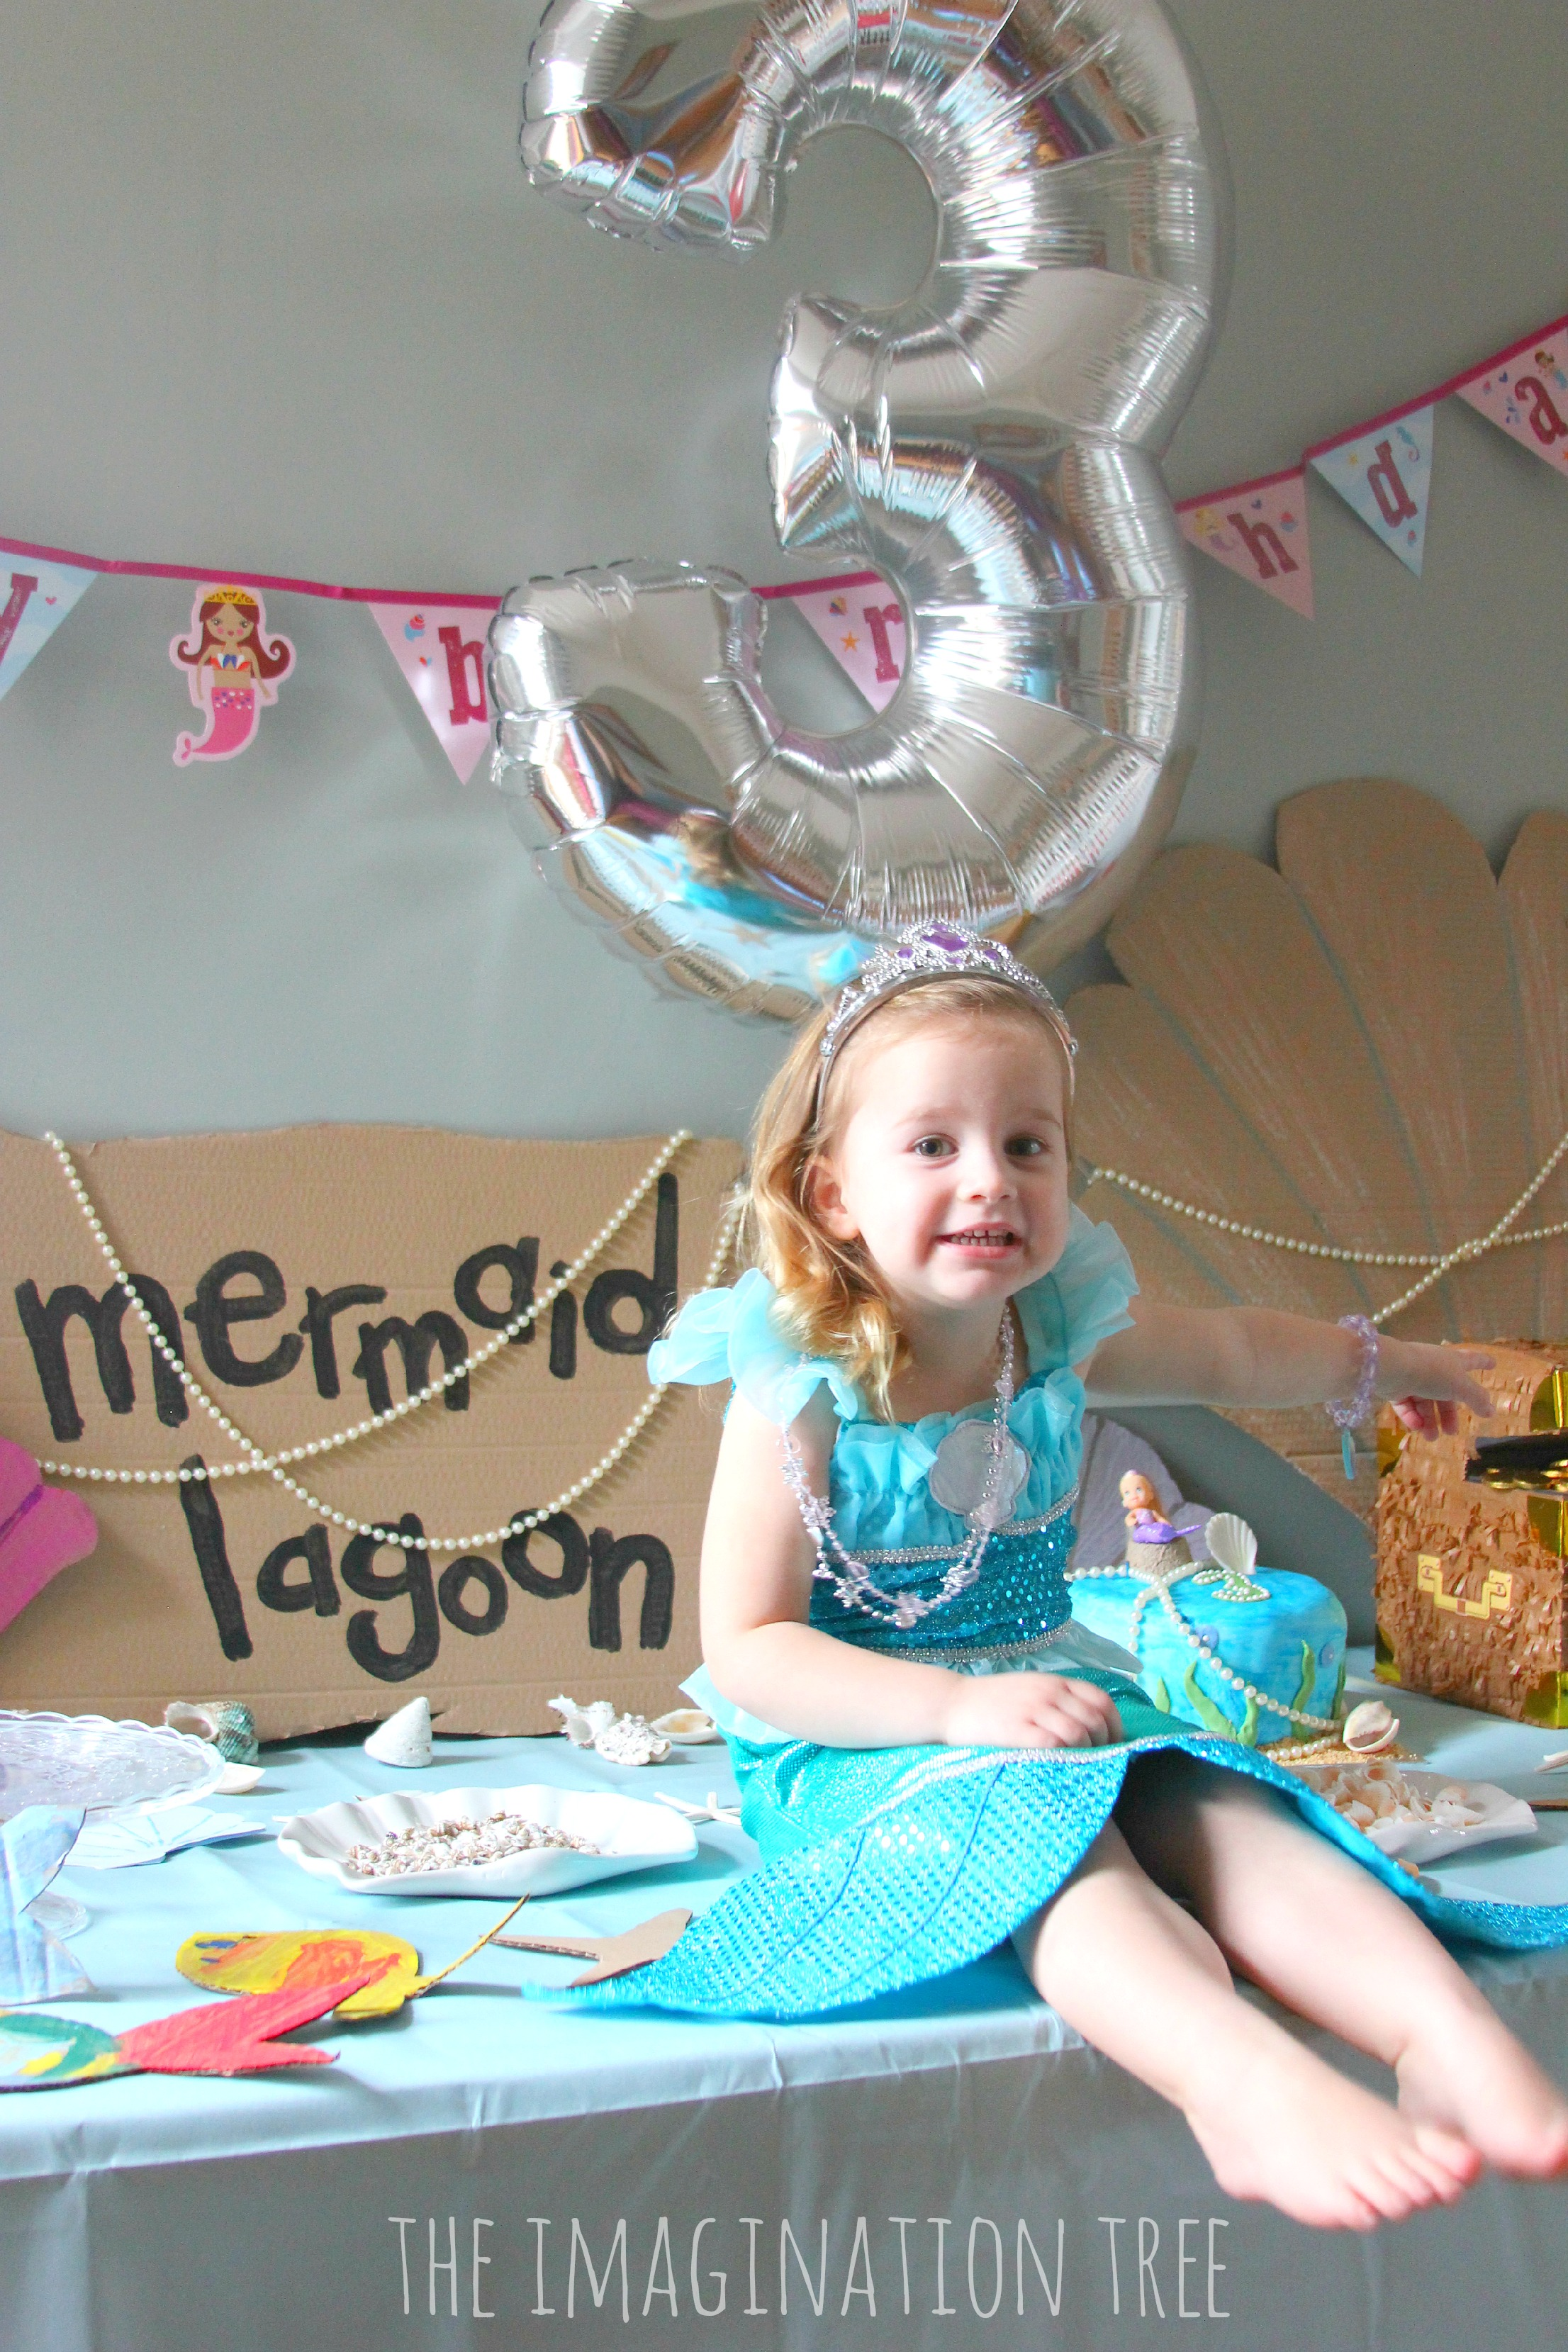 Mermaid Birthday Party Ideas - The Imagination Tree